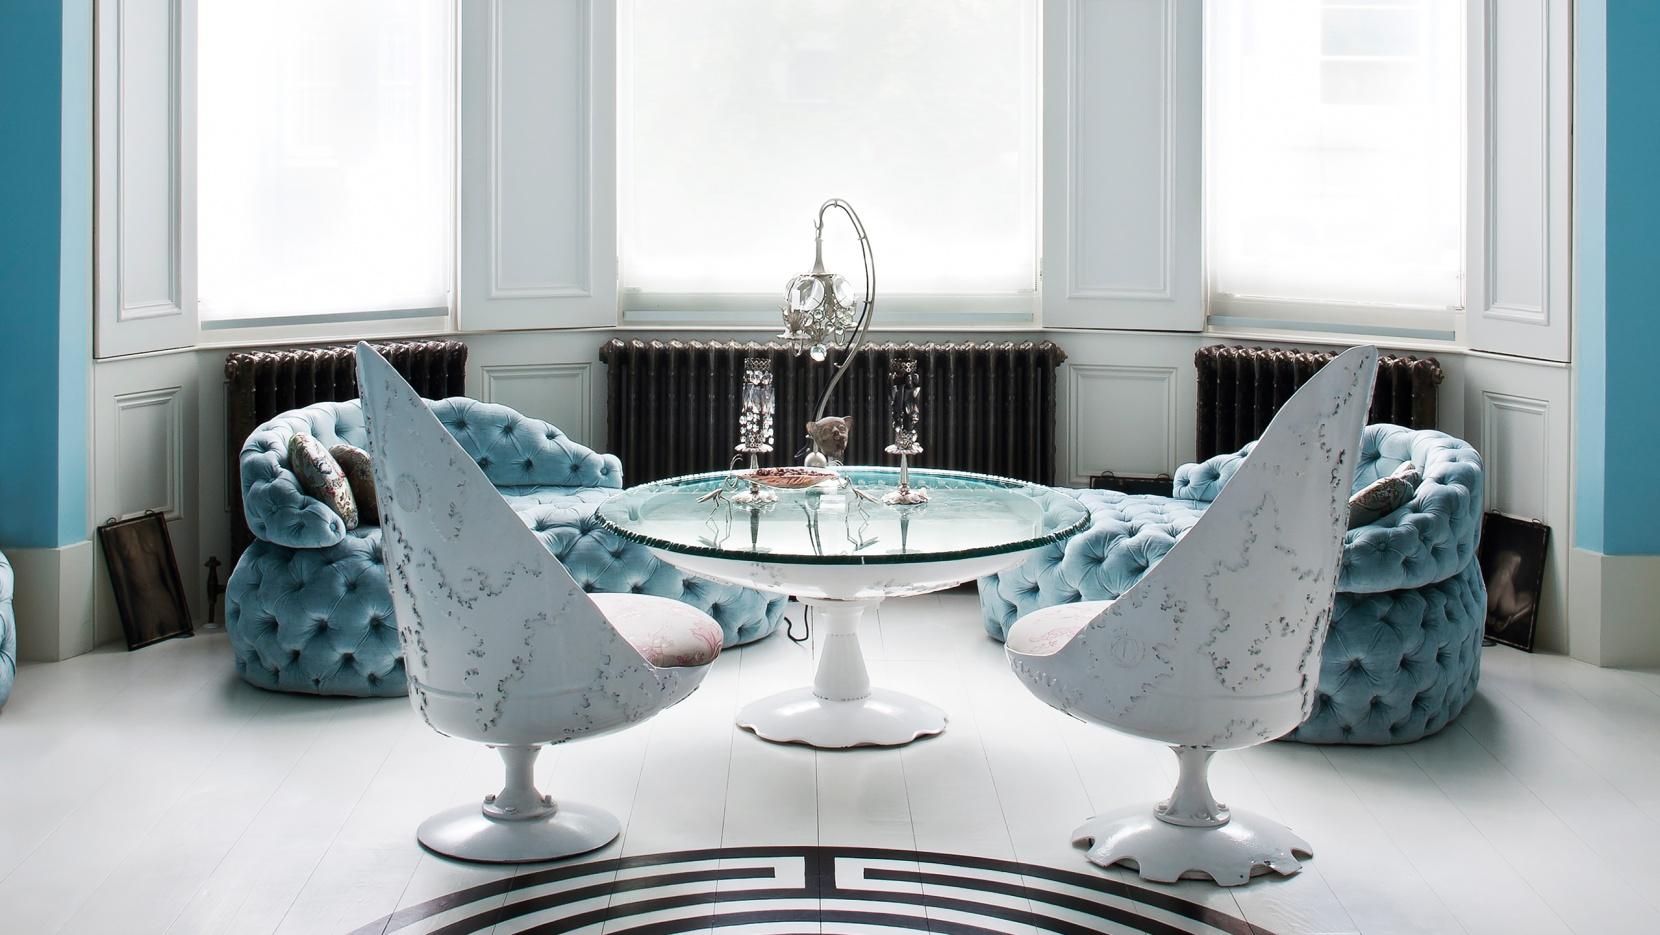 london house Blue Wonderland: London House by Designer Danielle Moudaber e7d1d880a1fd924545176034dcb4227d